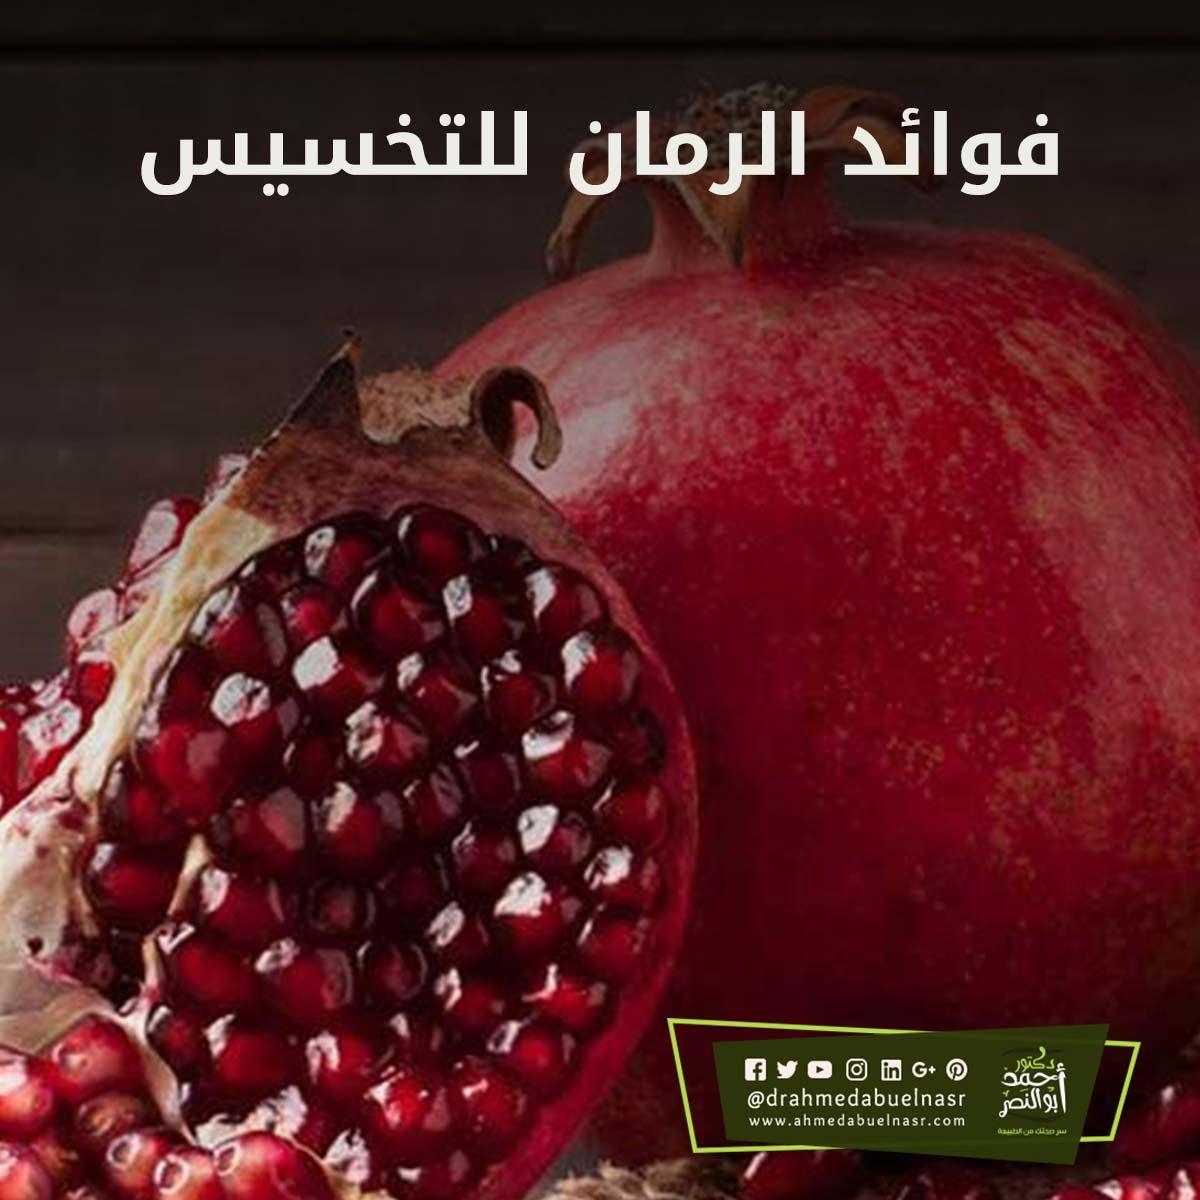 فوائد الرمان للتخسيس Fruit Food